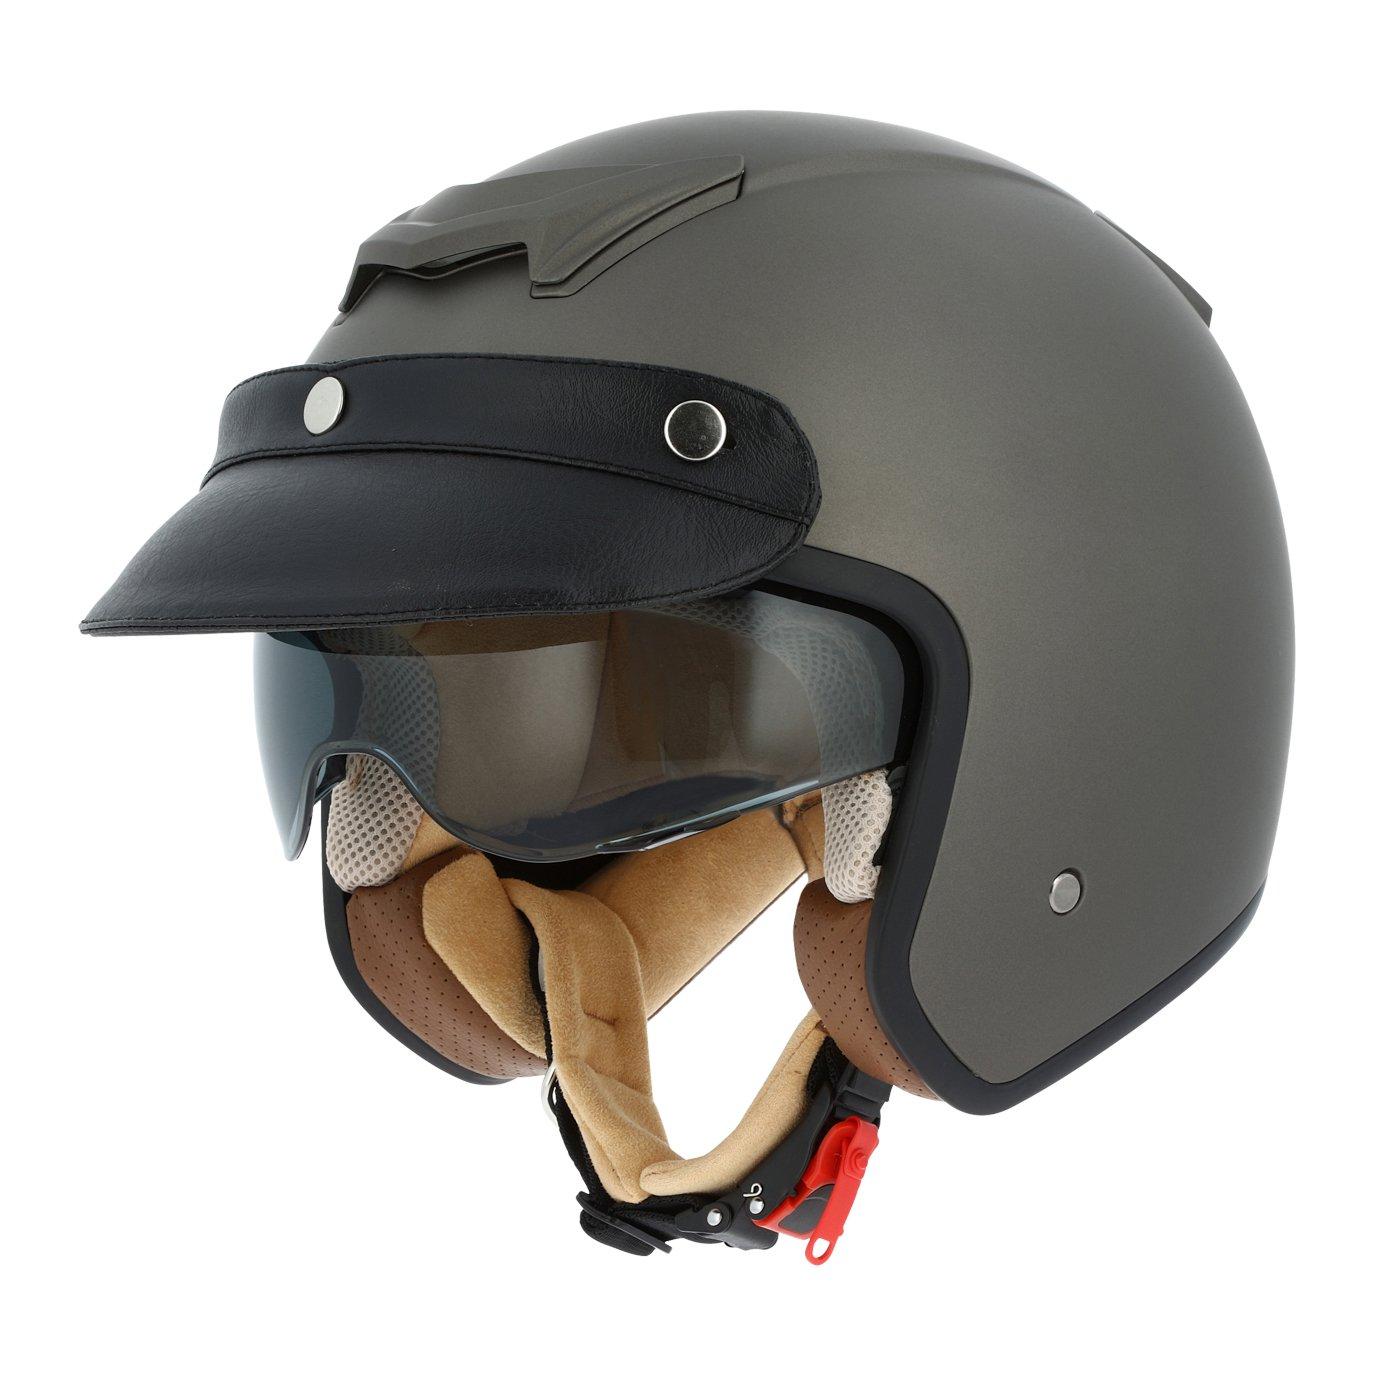 Astone Helmets Casque jet n/éo r/étro Casque jet casquette avec en cuir Casque jet Sportster 2 mono color Casque moto jet vintage Coque en polycarbonate -matt black